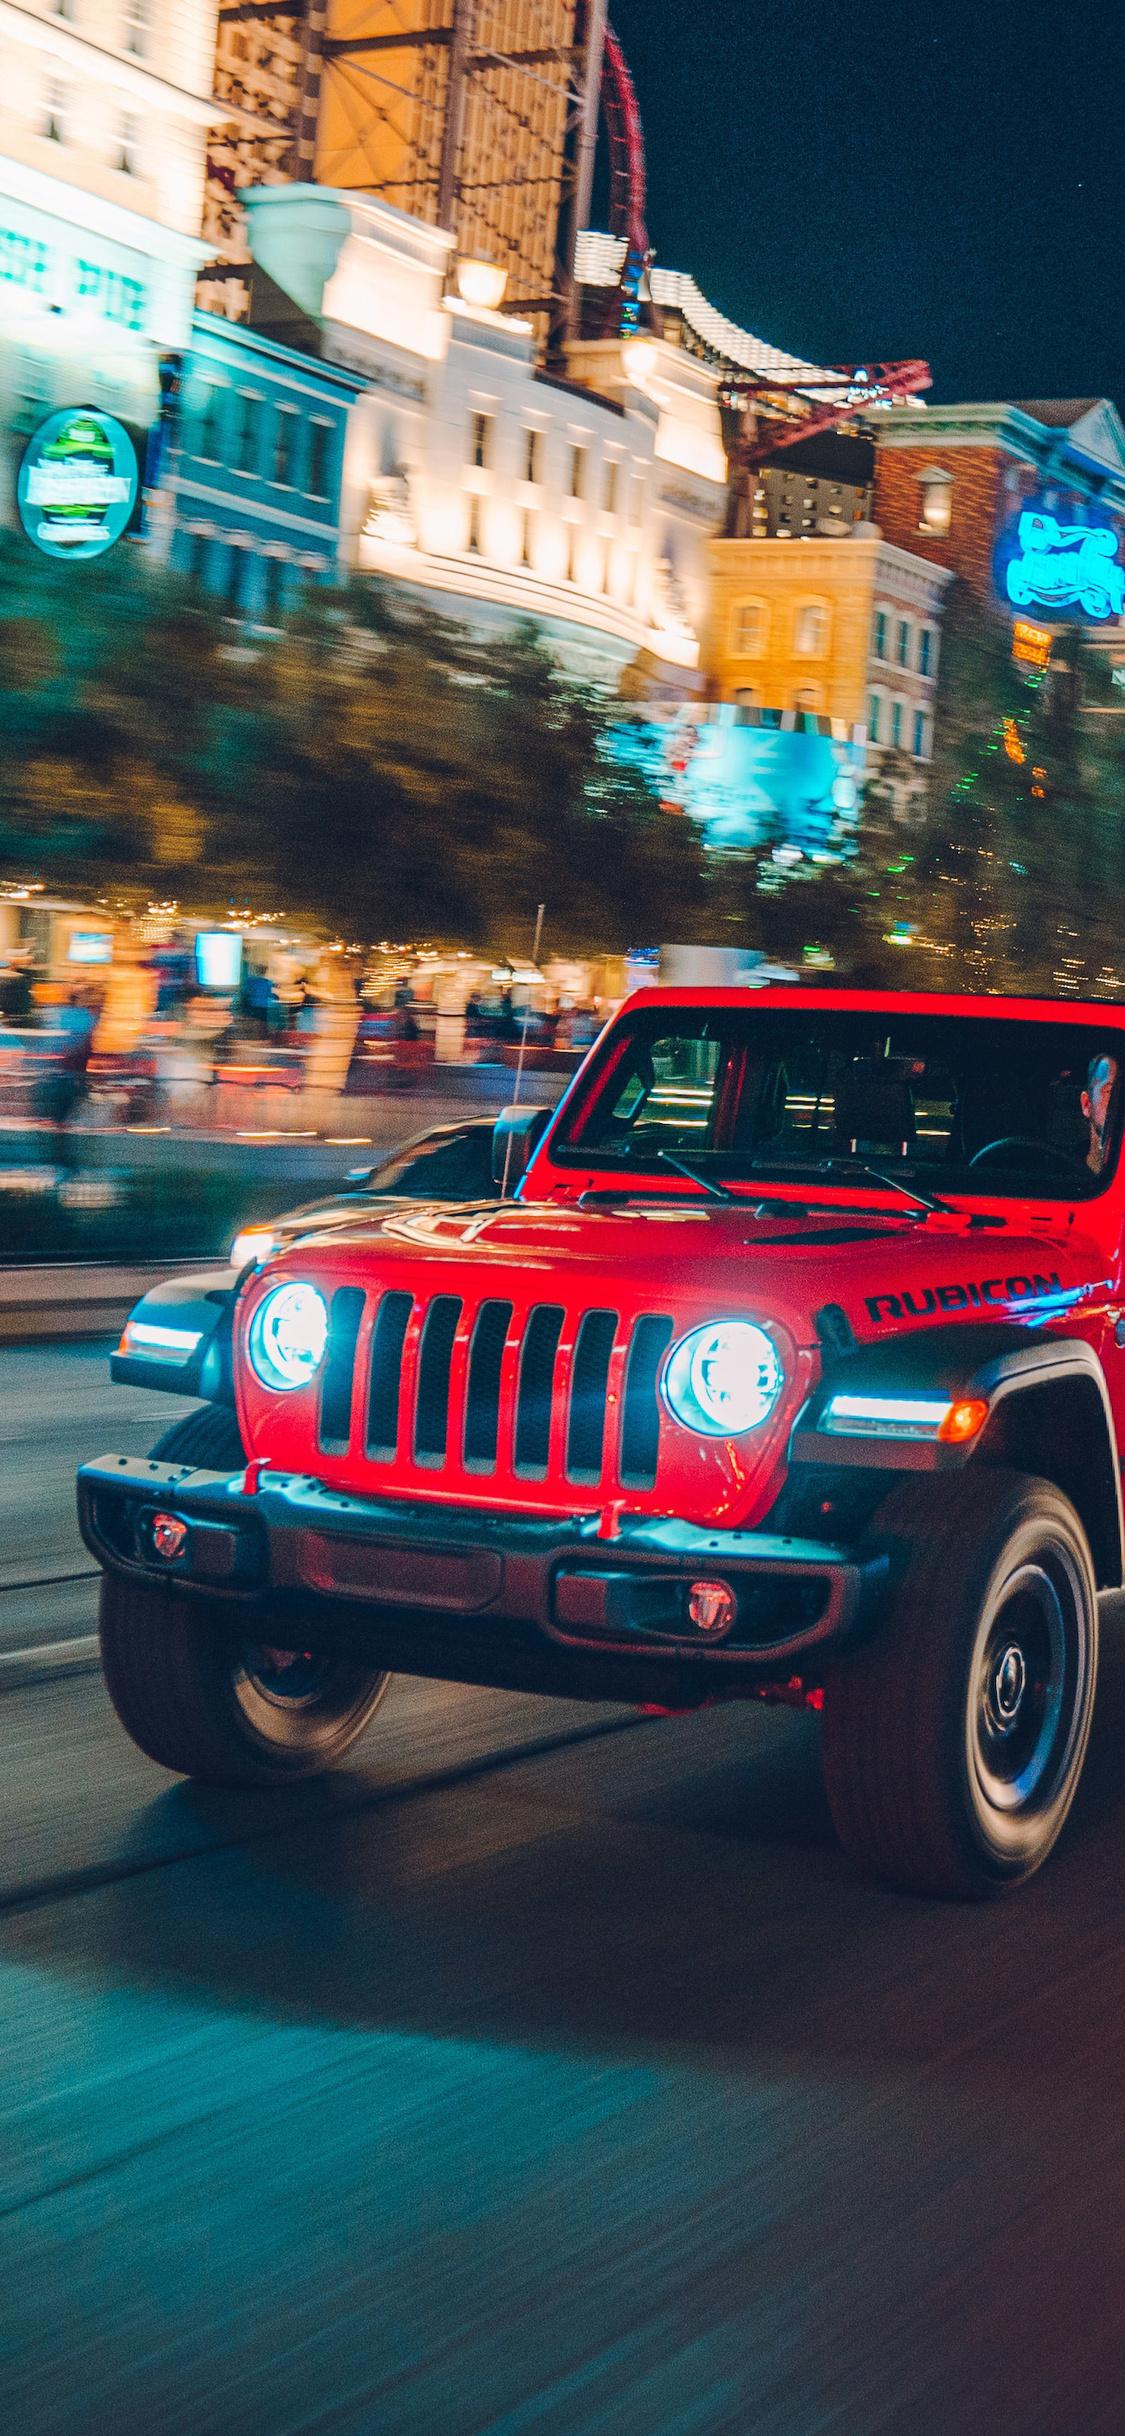 1125x2436 Jeep Wrangler Iphone Xs Iphone 10 Iphone X Hd 4k